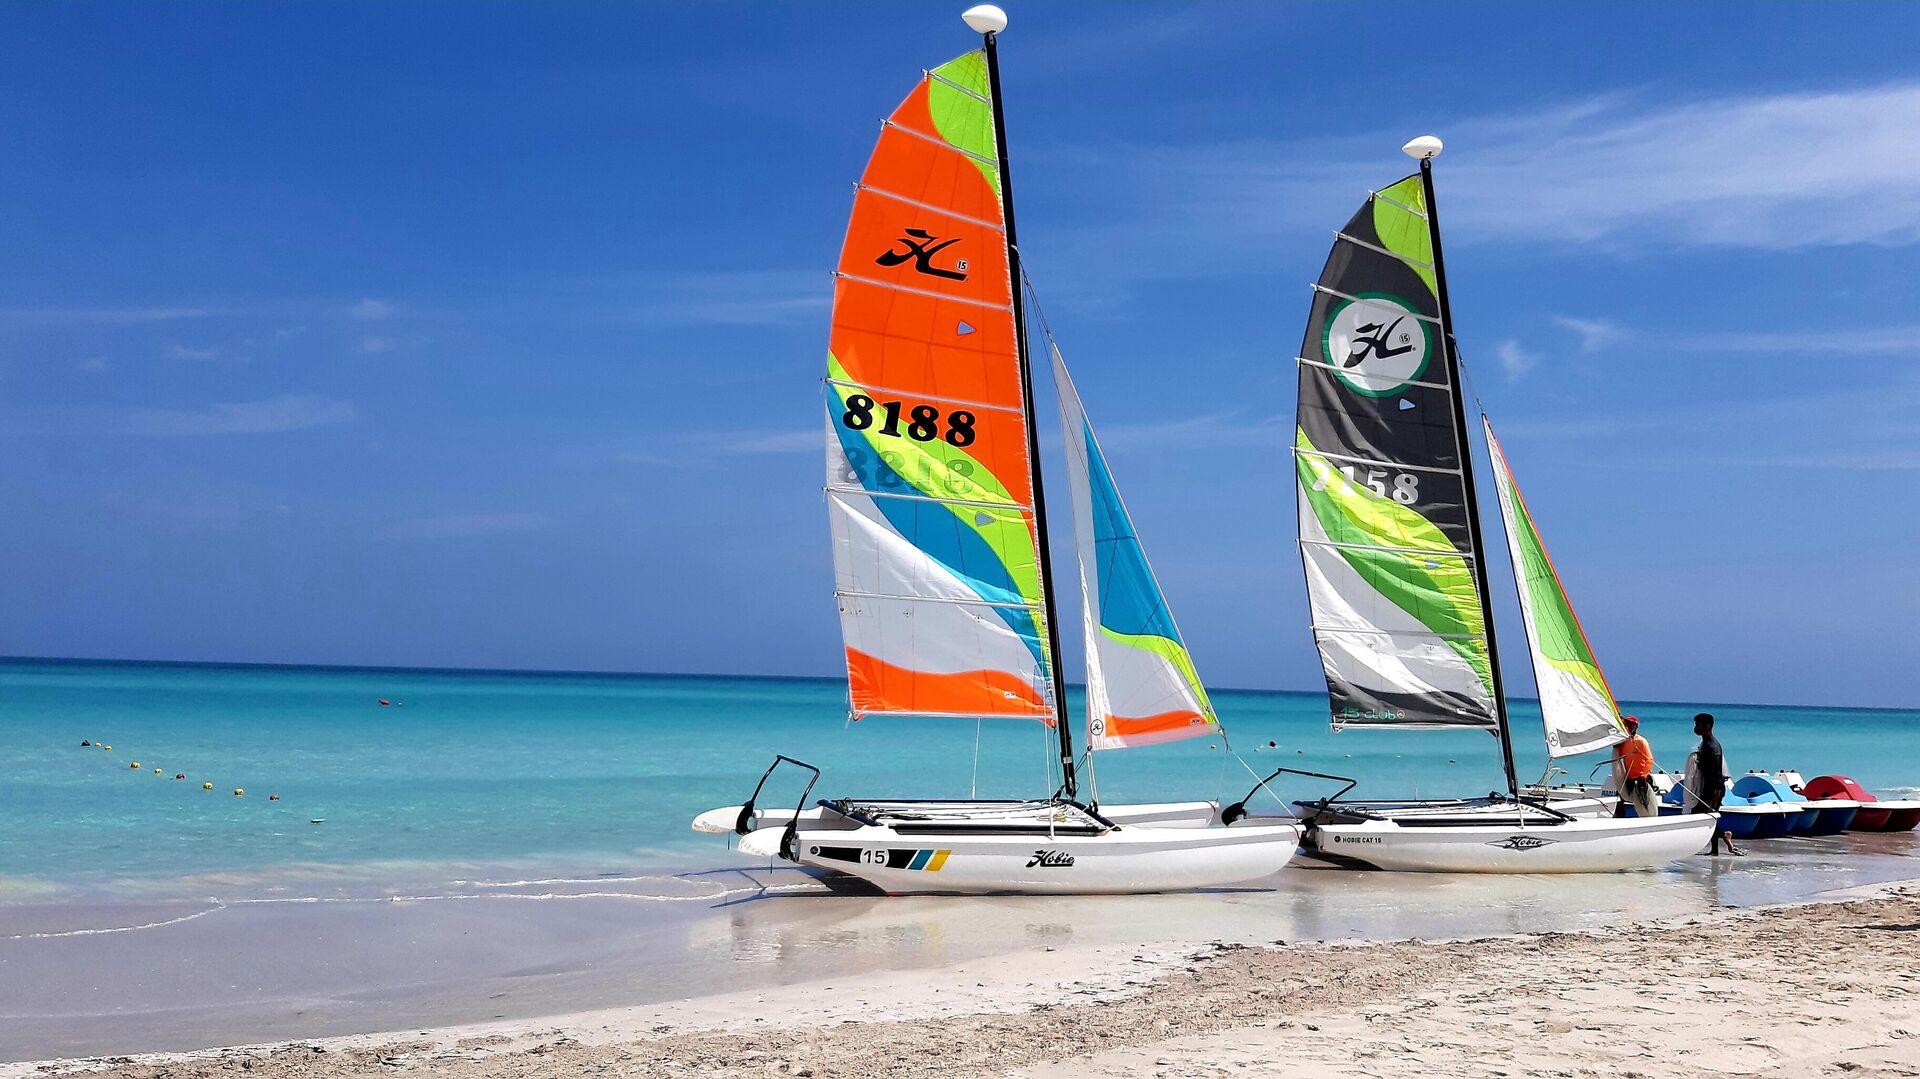 Varadero es una de las 25 mejores playas del mundo - Sputnik Mundo, 1920, 19.04.2021